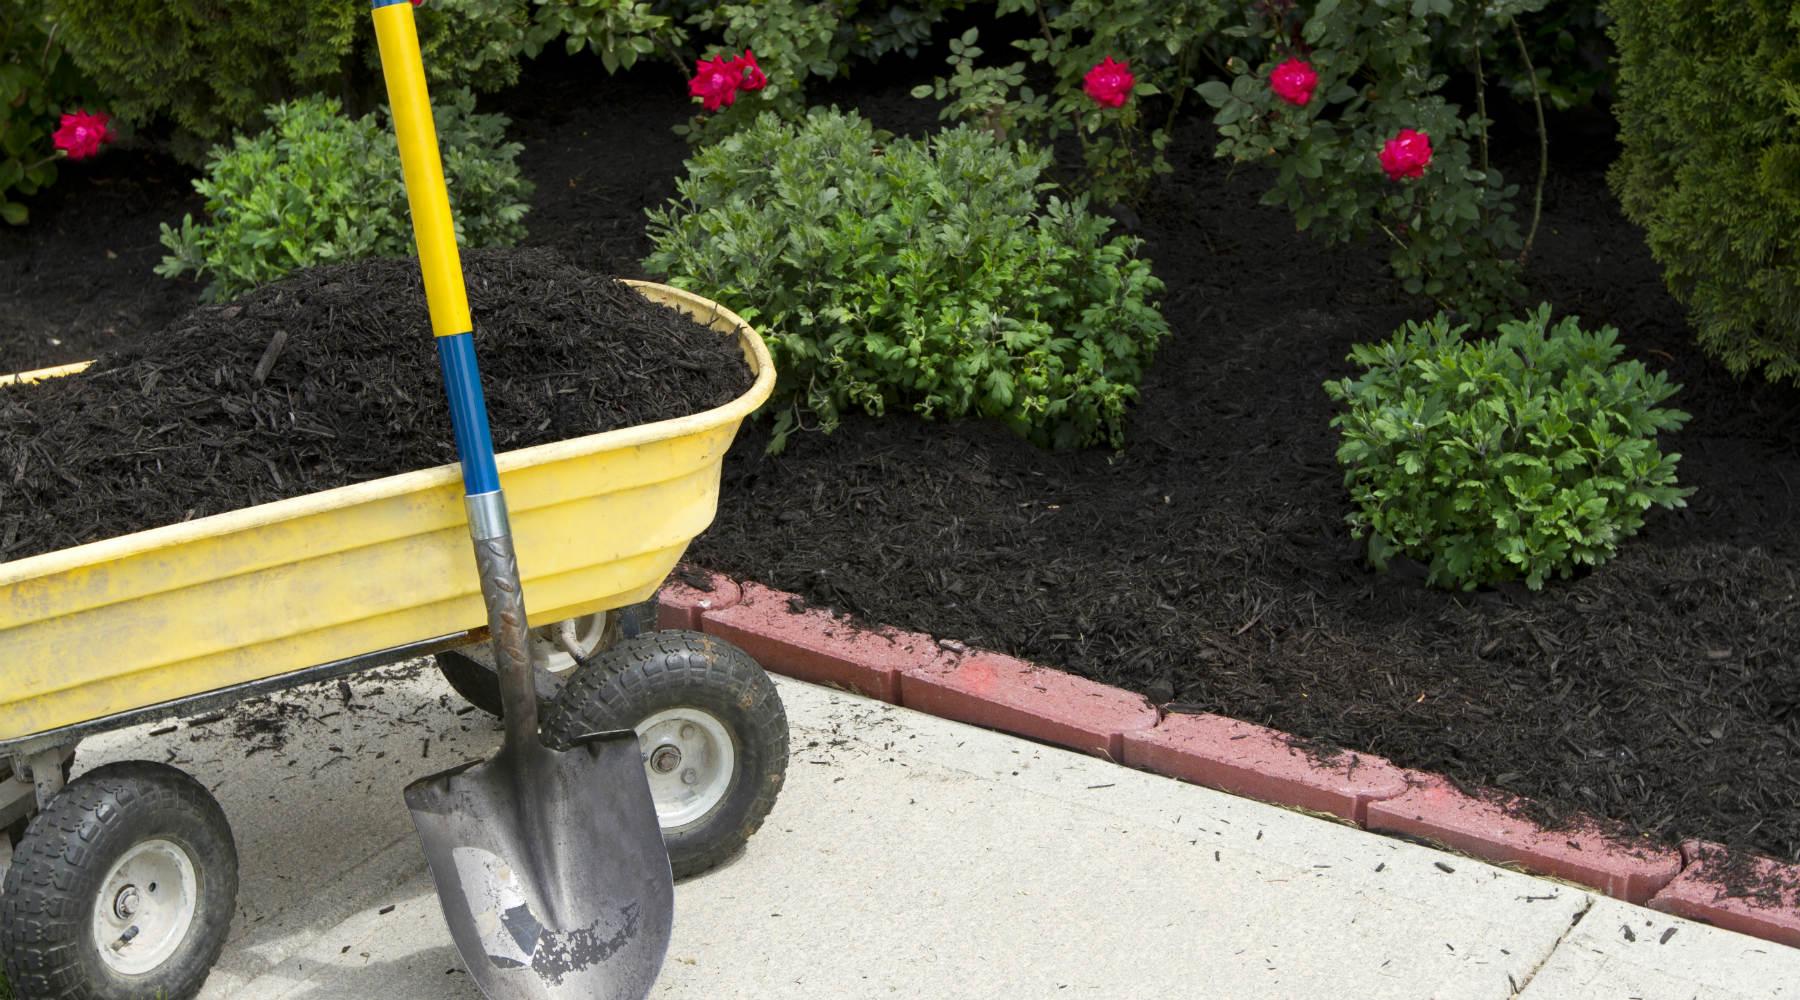 Mulch yellow wagon, shovel, flowers